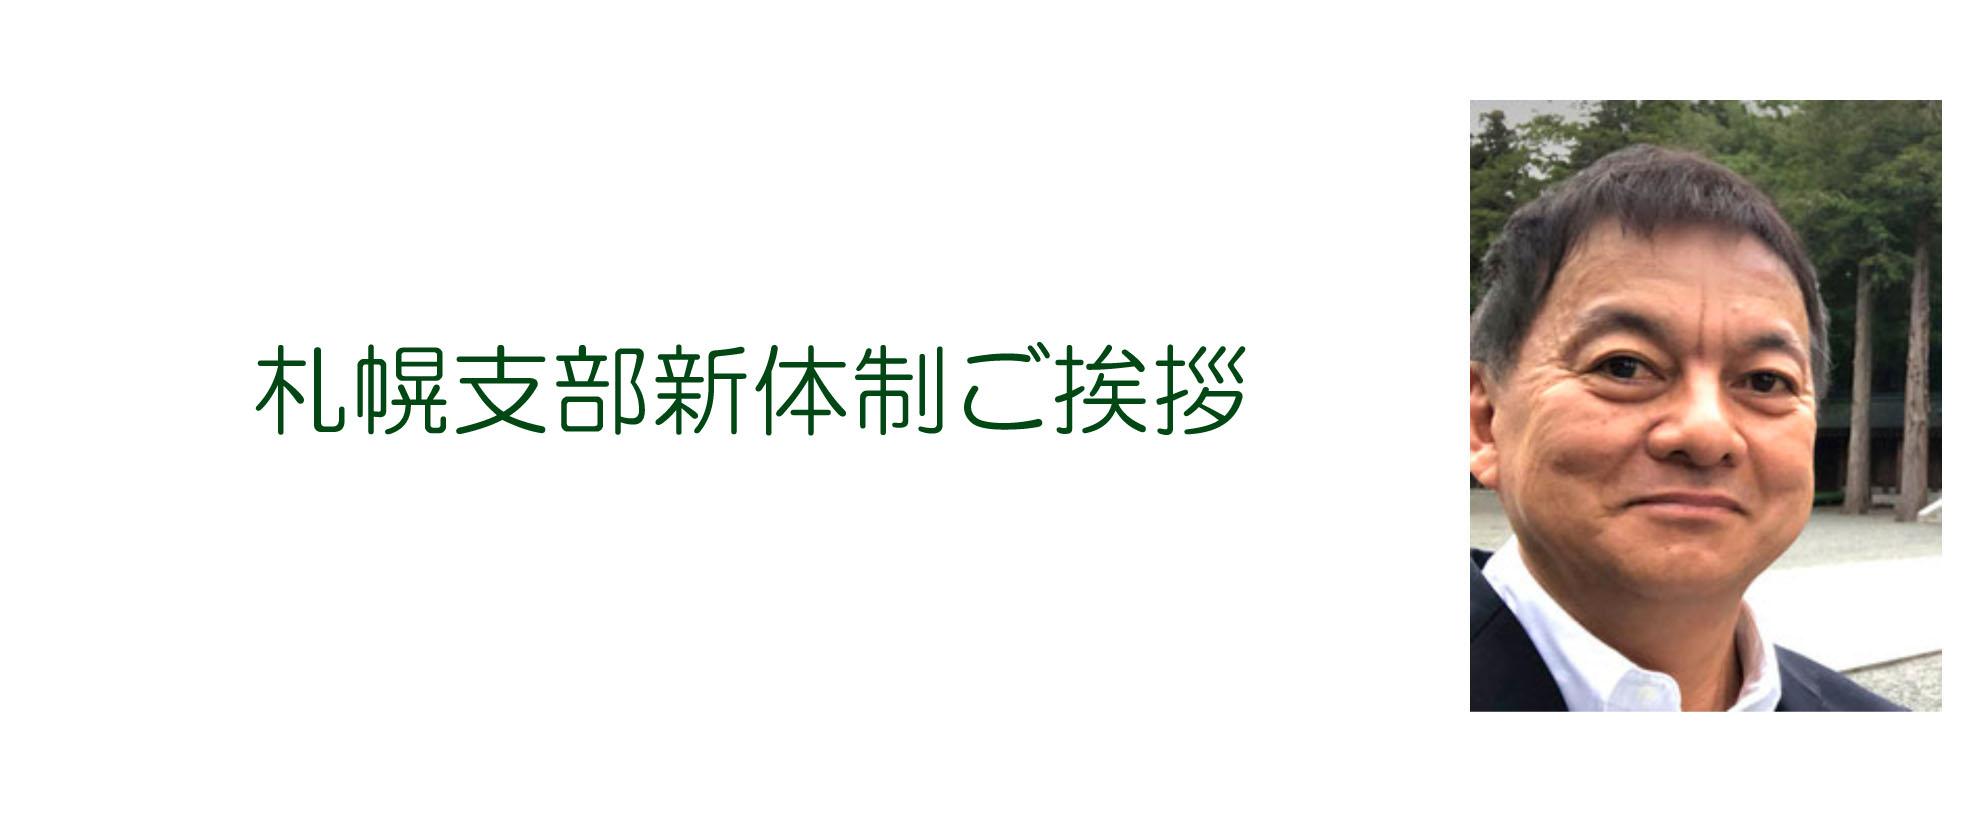 札幌支部新体制のご挨拶